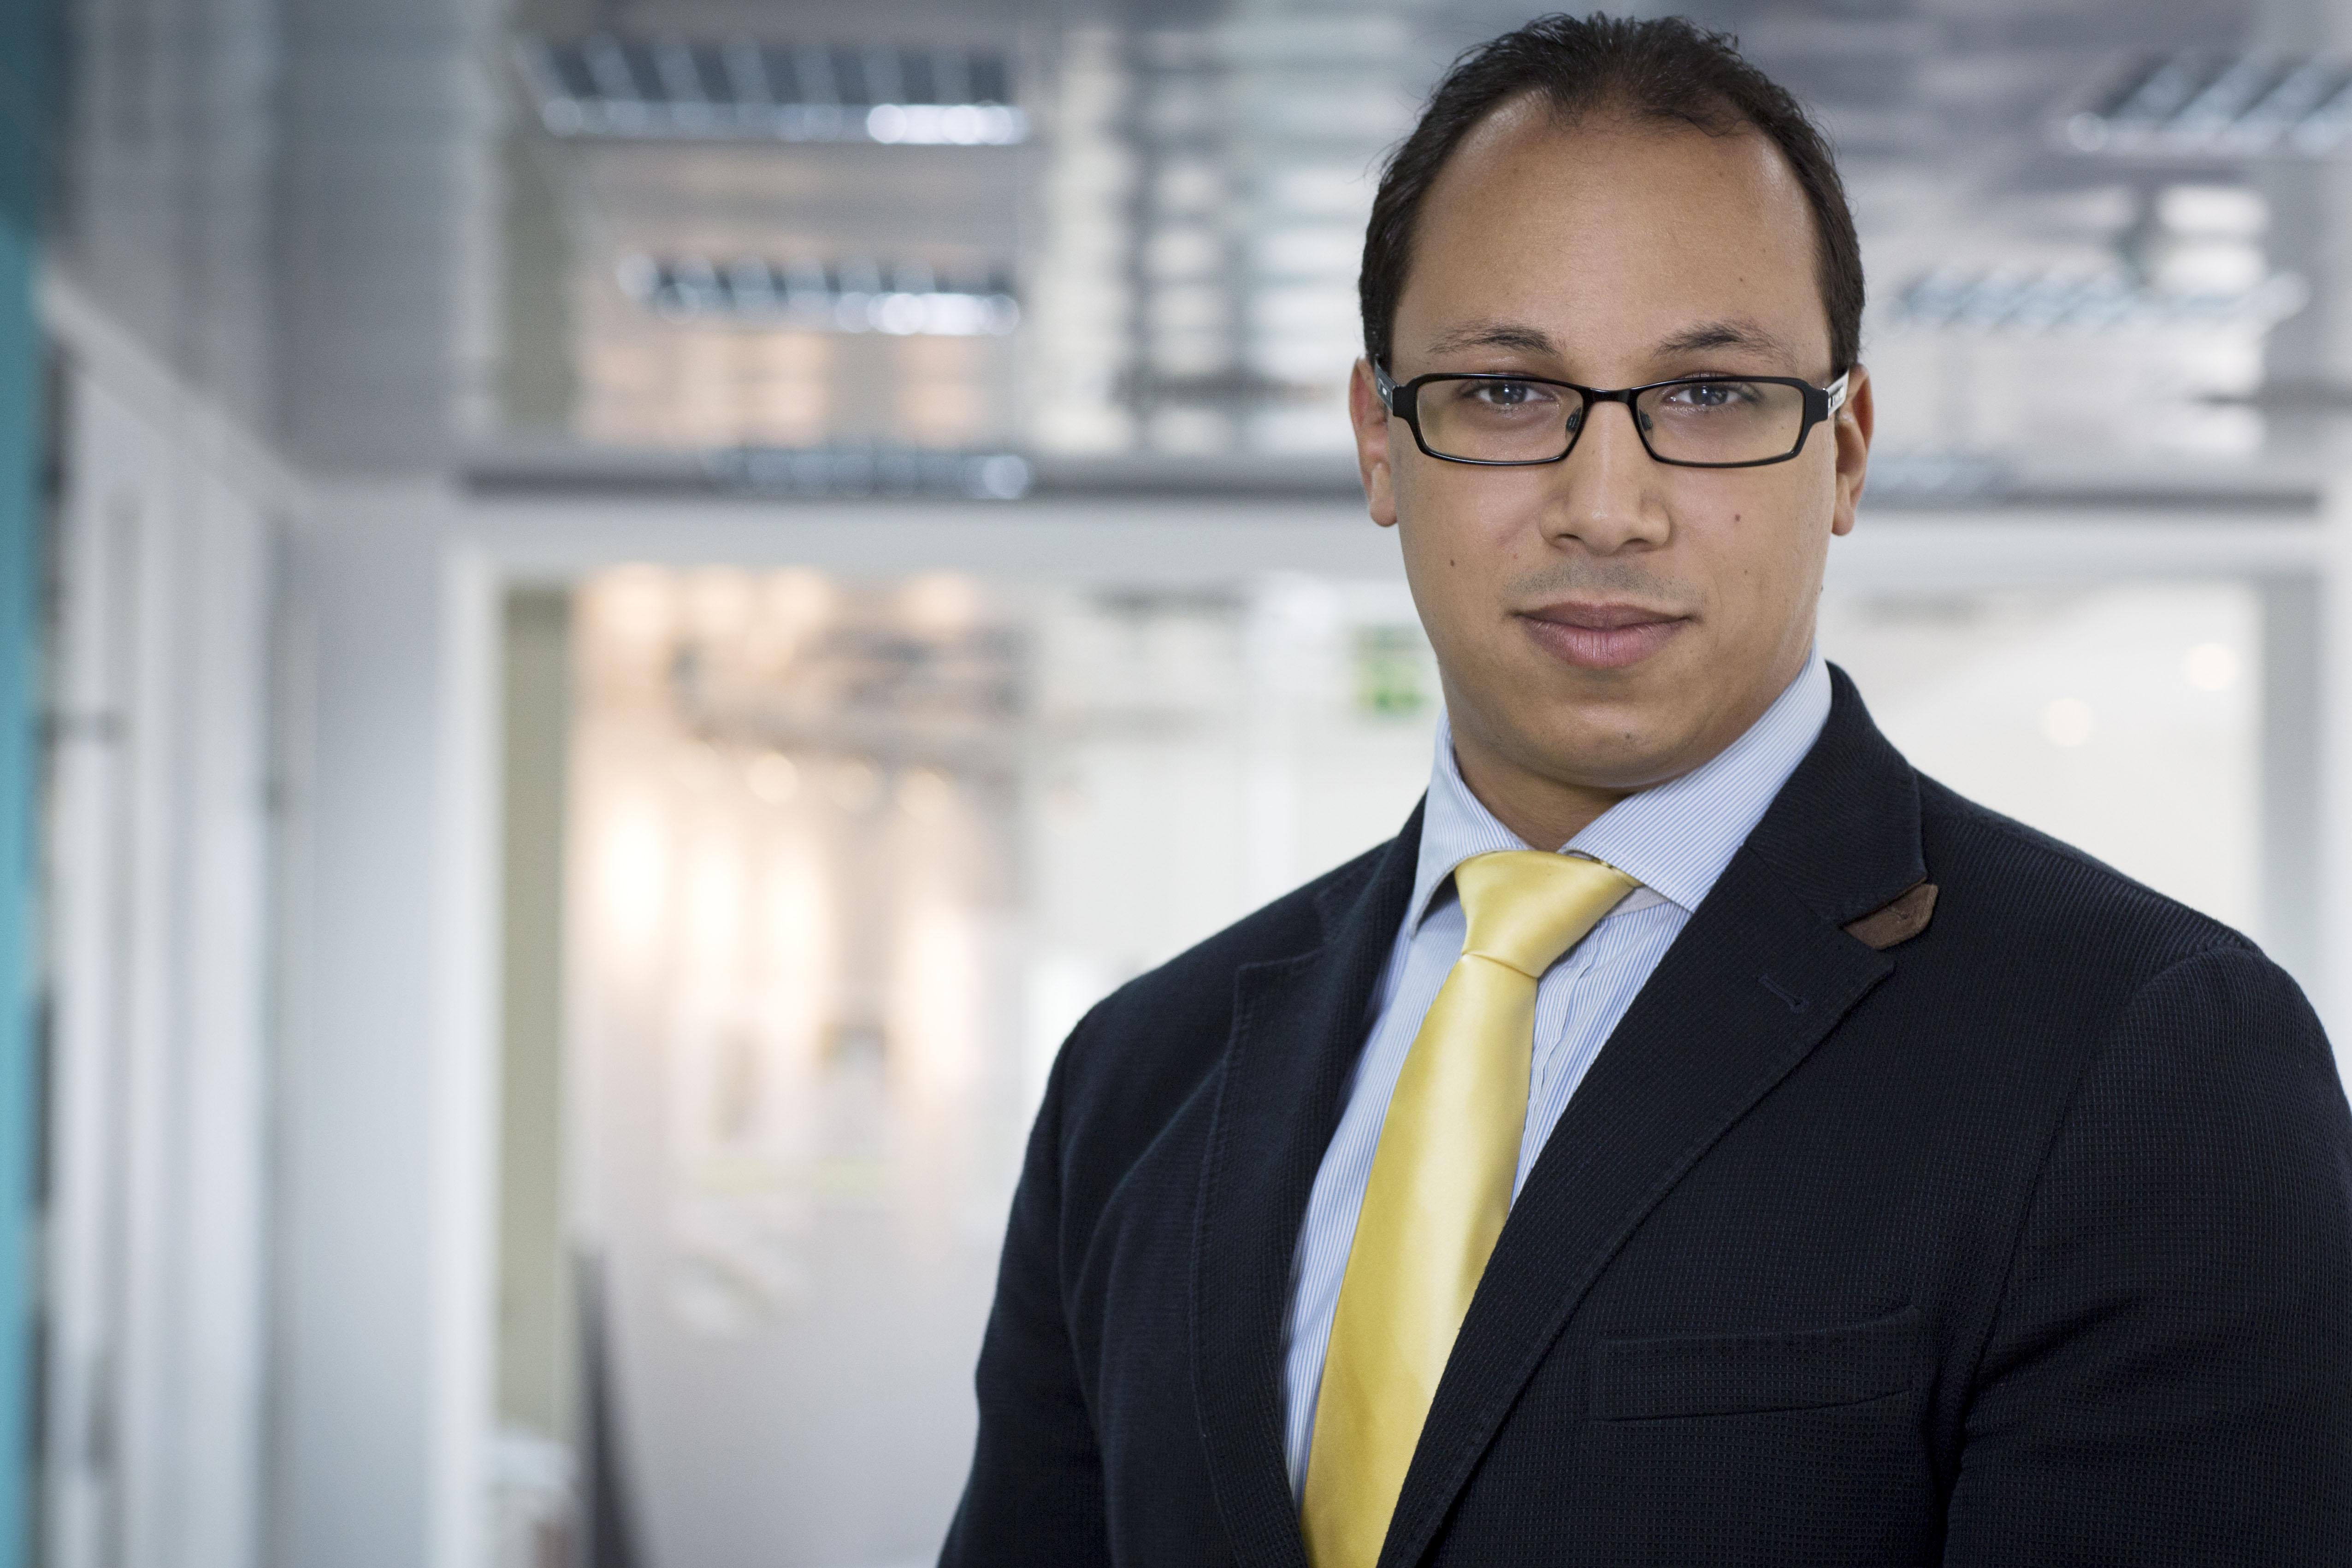 Ahmed Ghobara